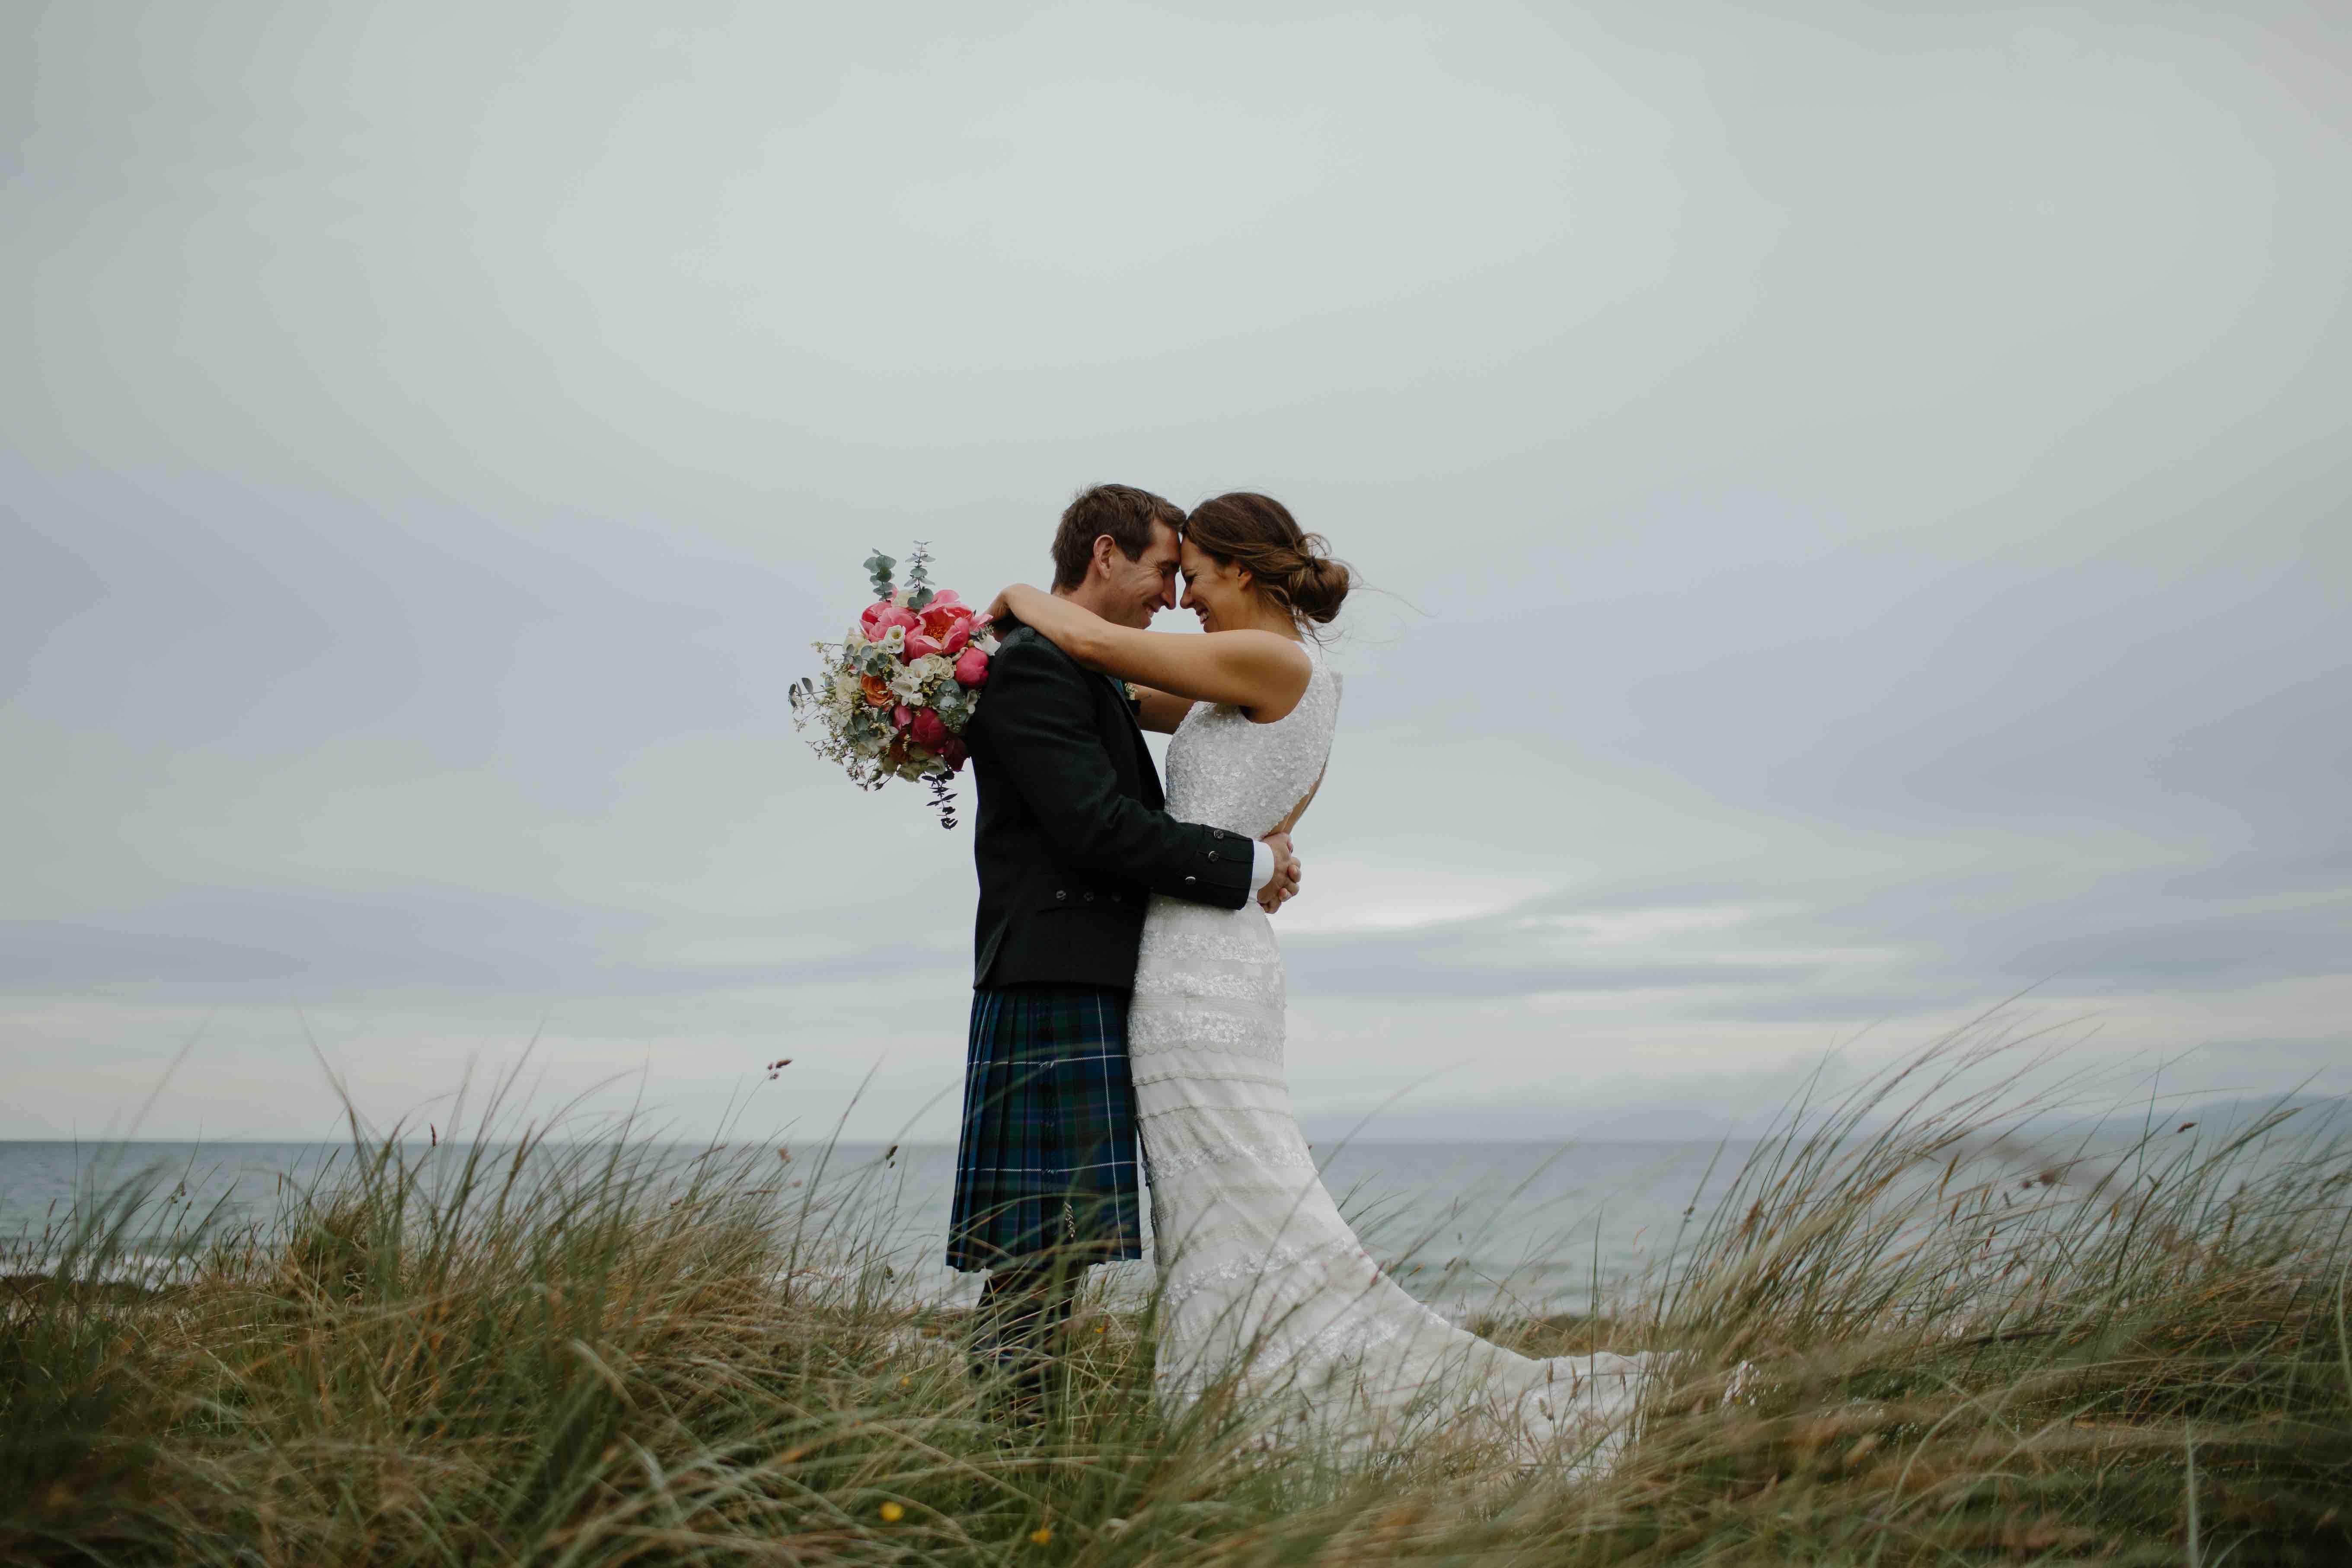 ハーフの結婚観ってどんなの?親が国際結婚で感じる結婚について